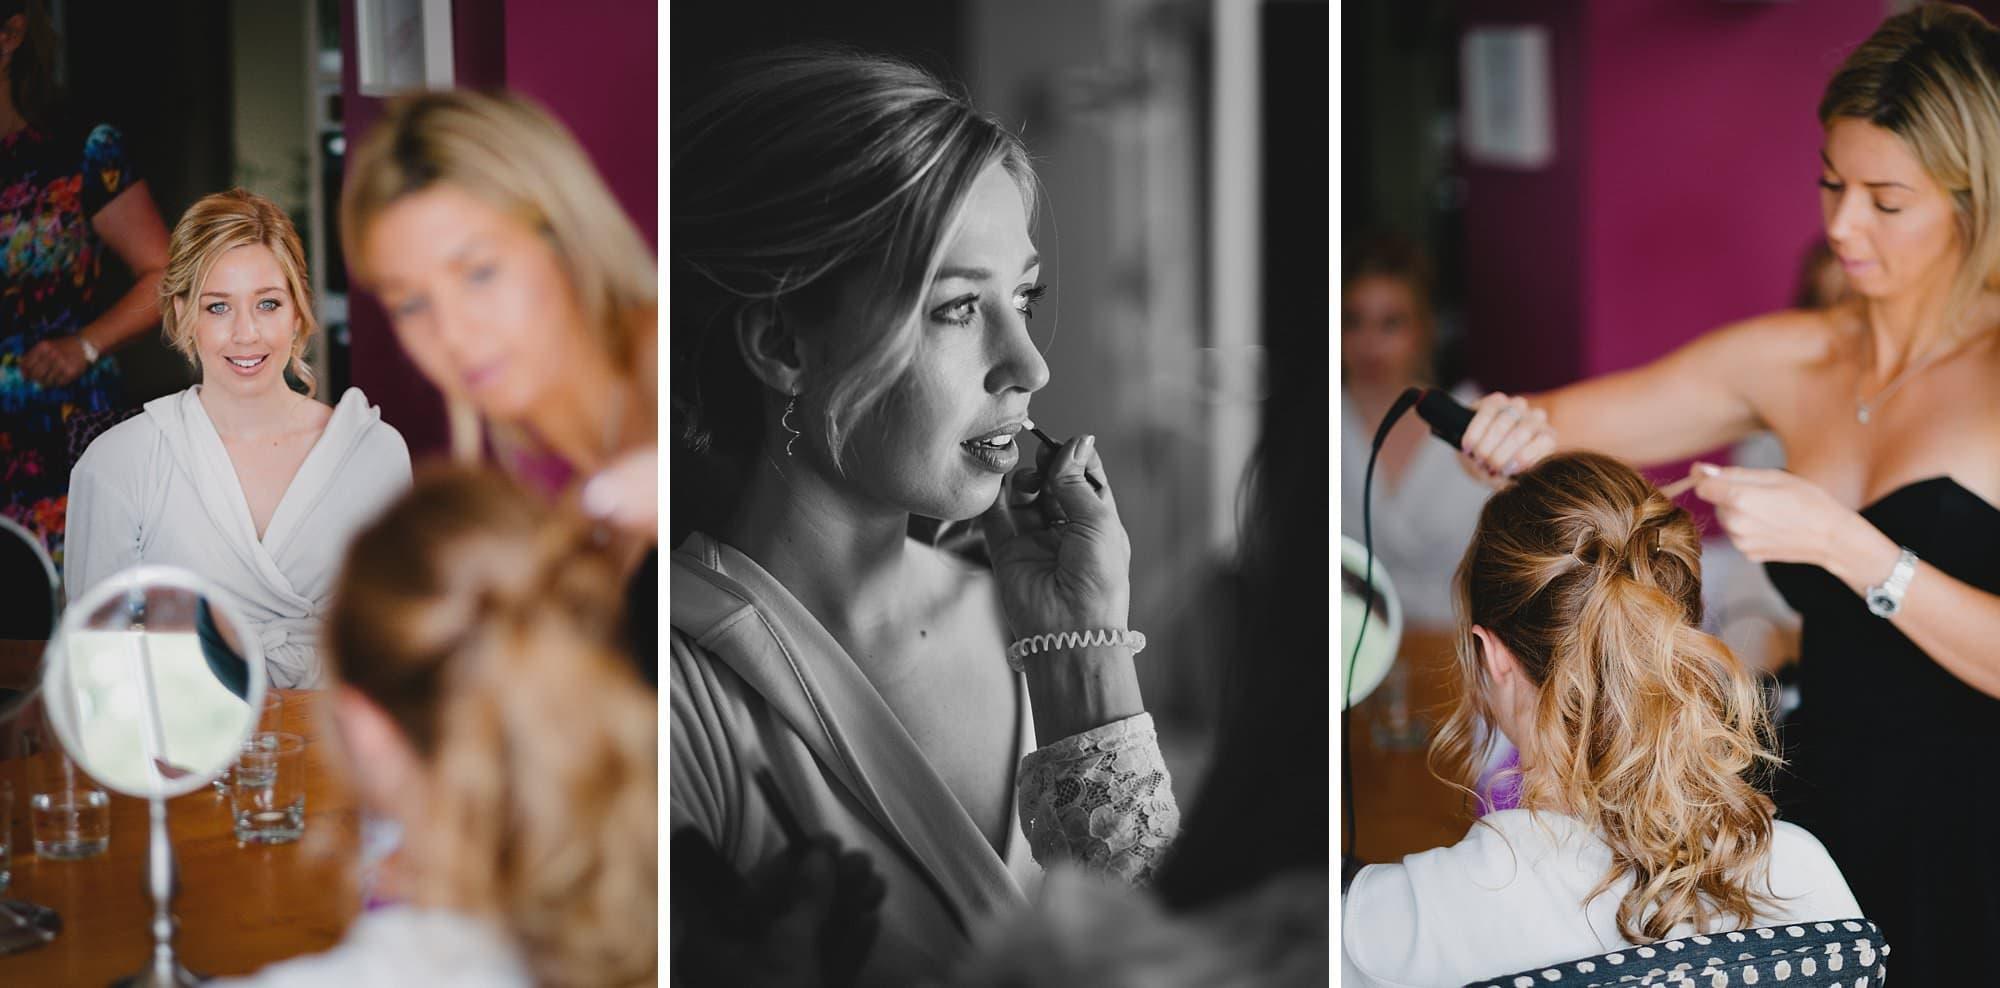 ashtead london wedding photographer 012 - Rachel & Jonny's Ashtead Wedding